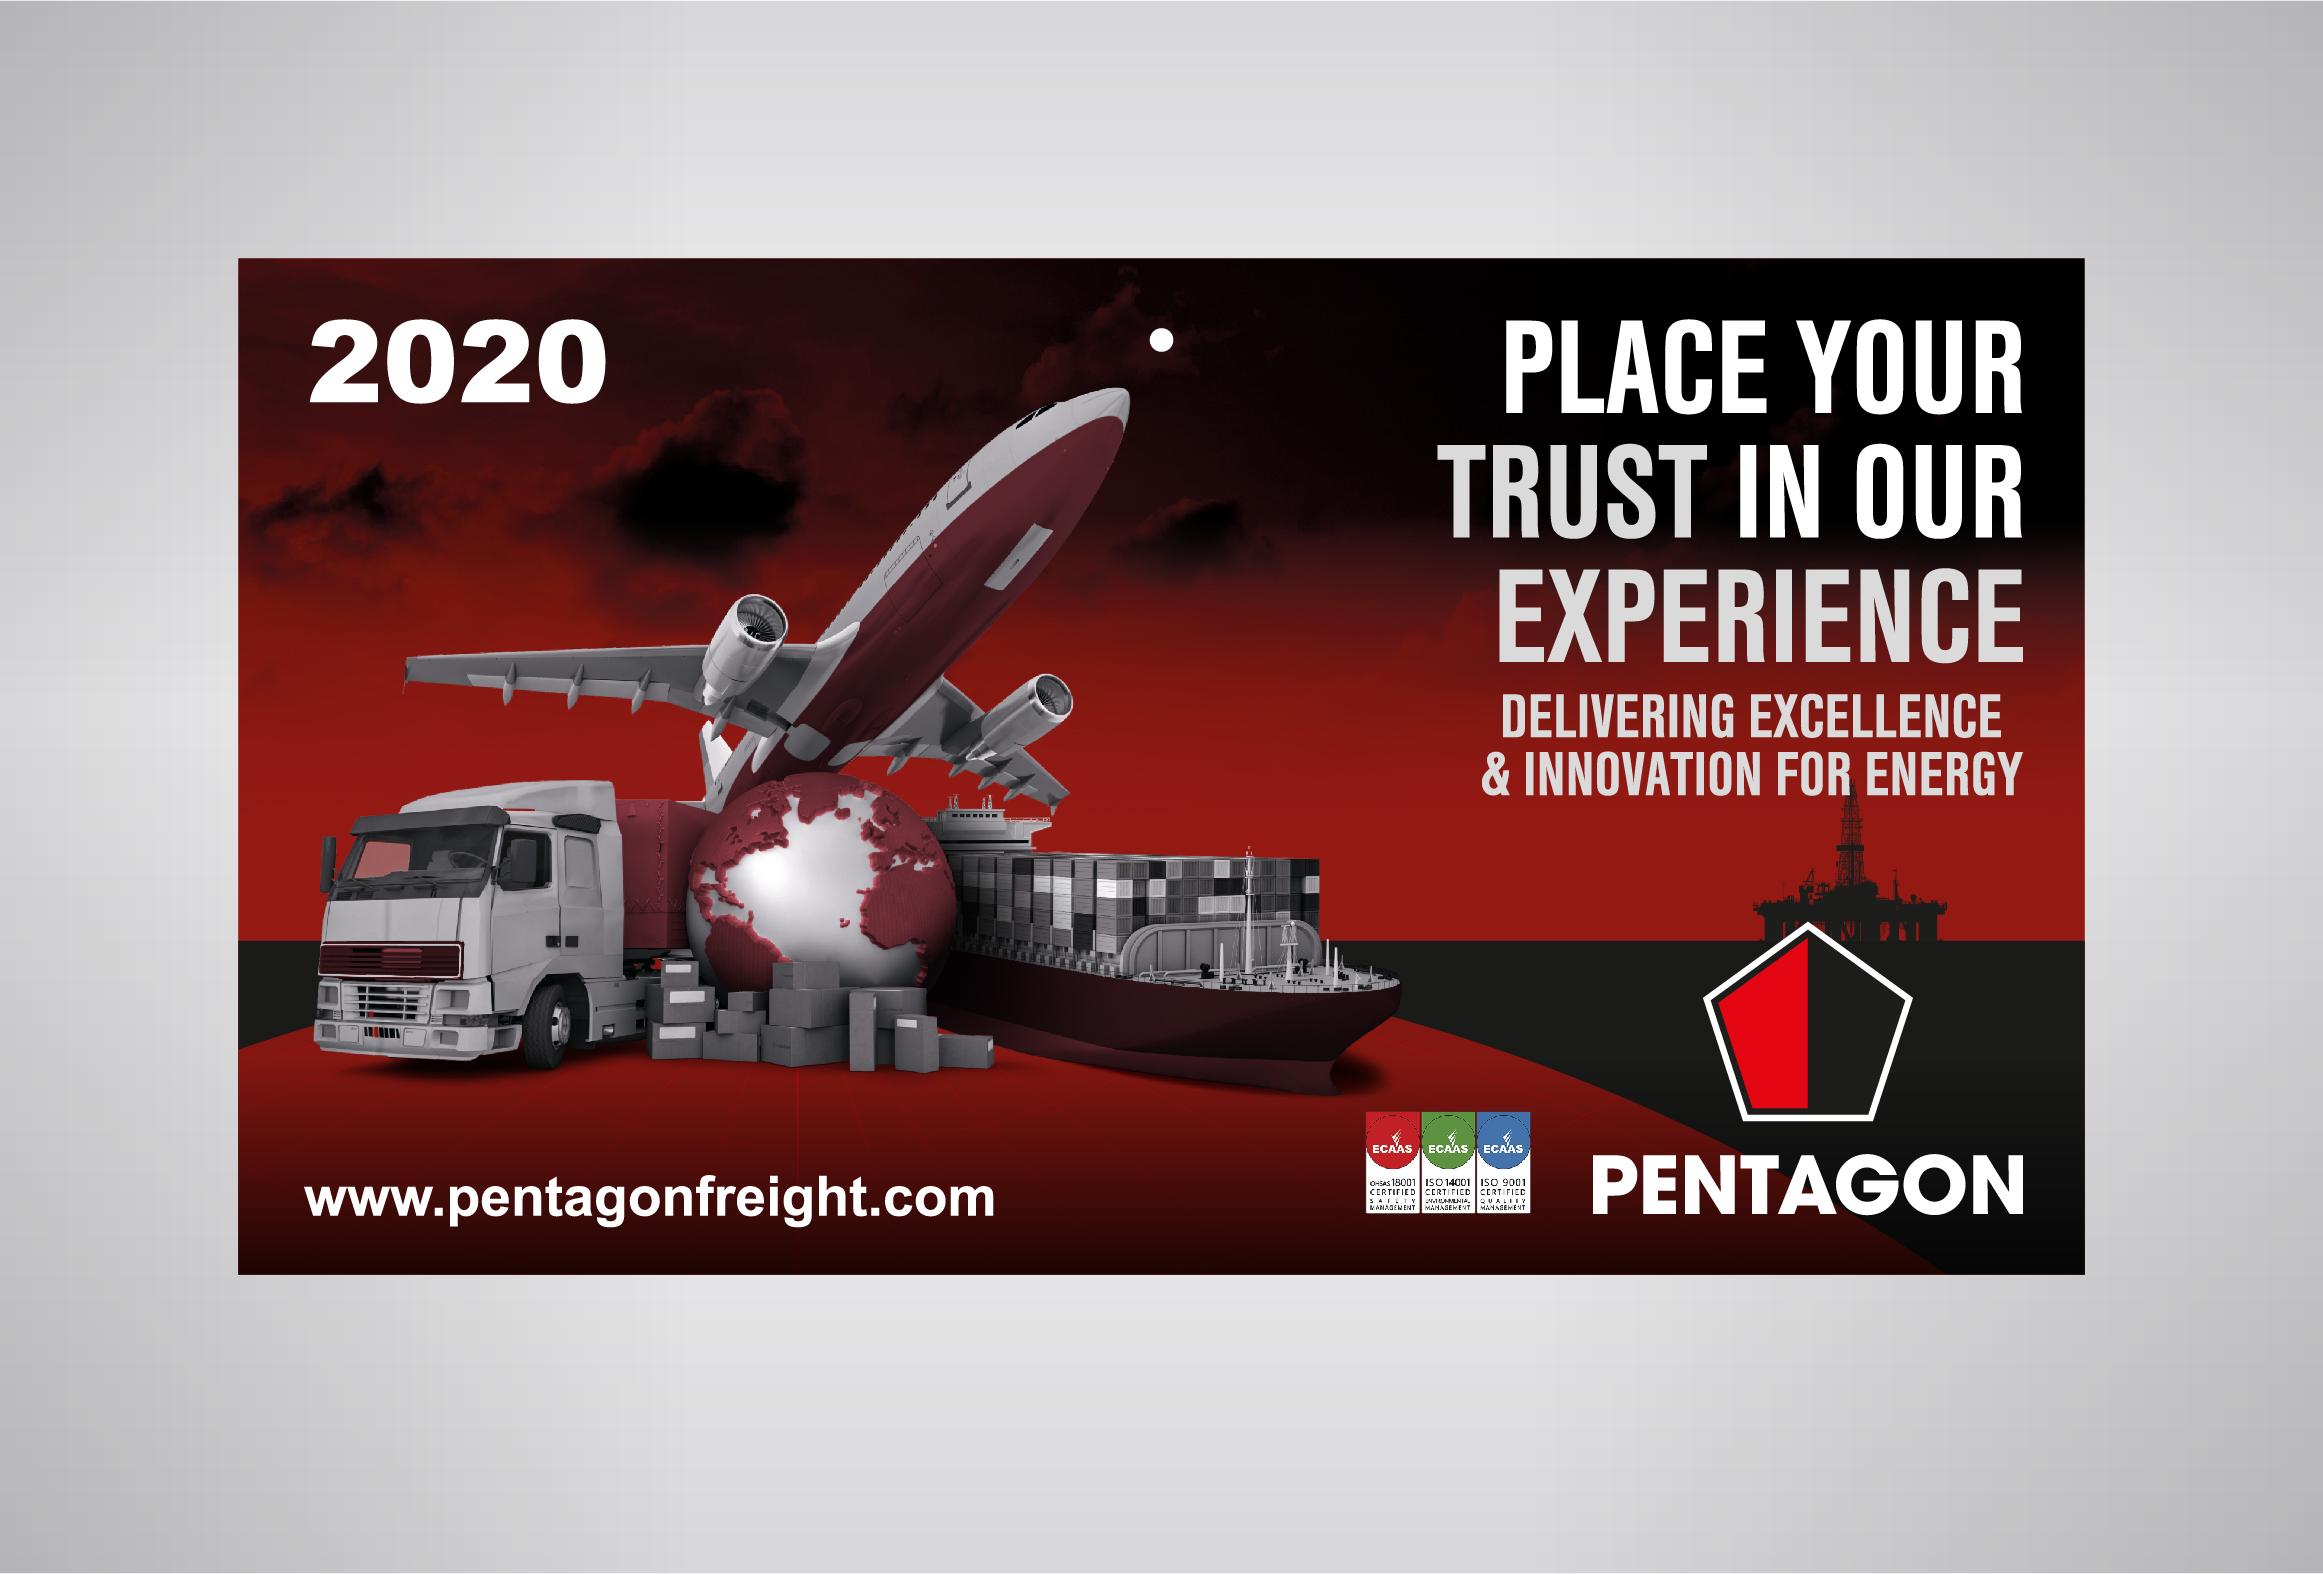 Pentagon, пентагон, восстановление по образцу, алматы, полиграфия, календарь 2020